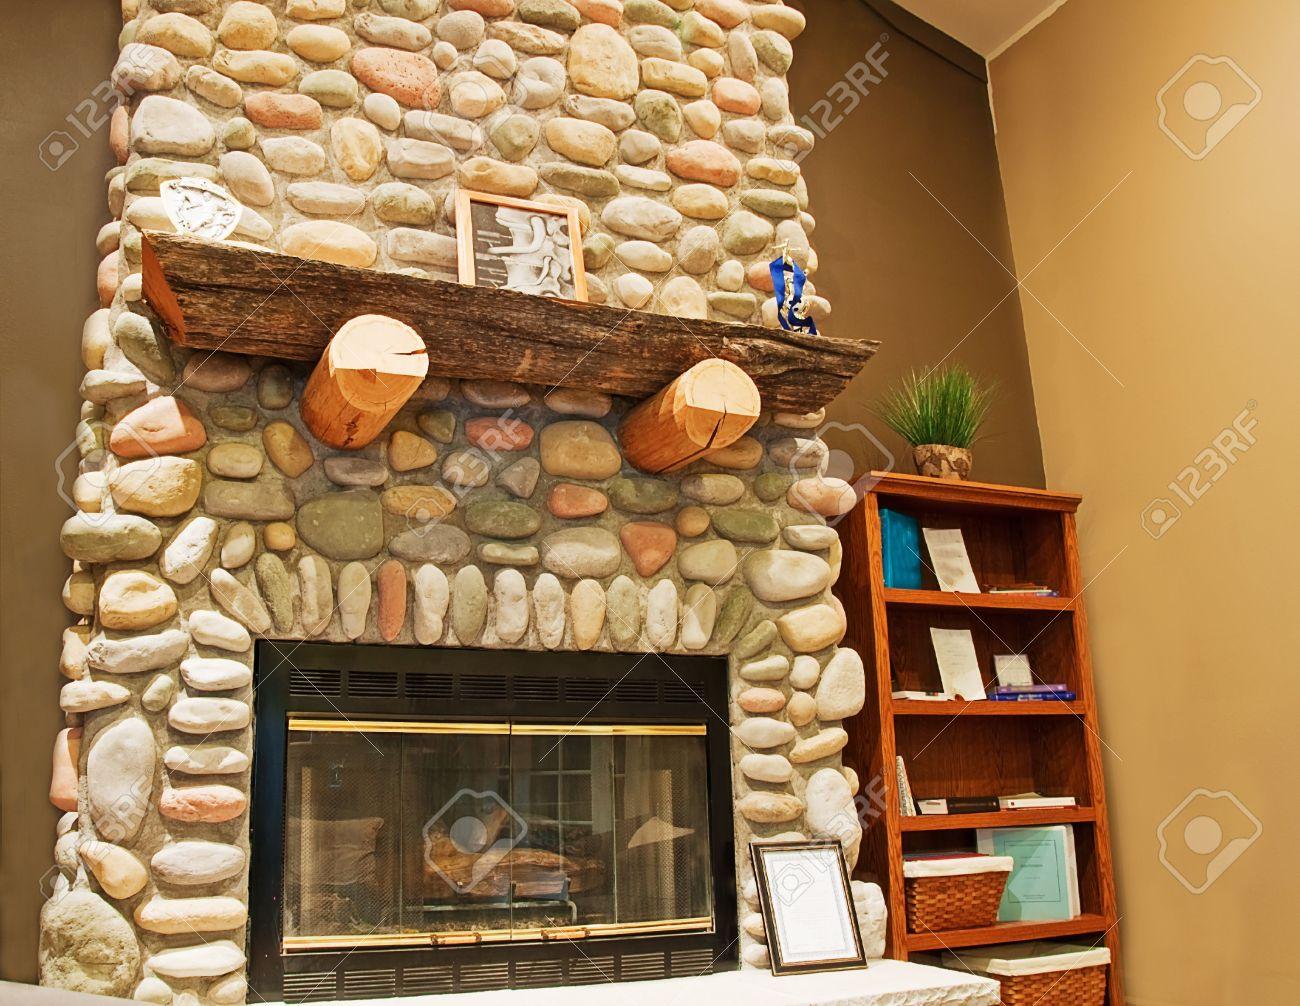 esta hermosa chimenea de piedra altura aparece en una esquina de una habitacin interior para una